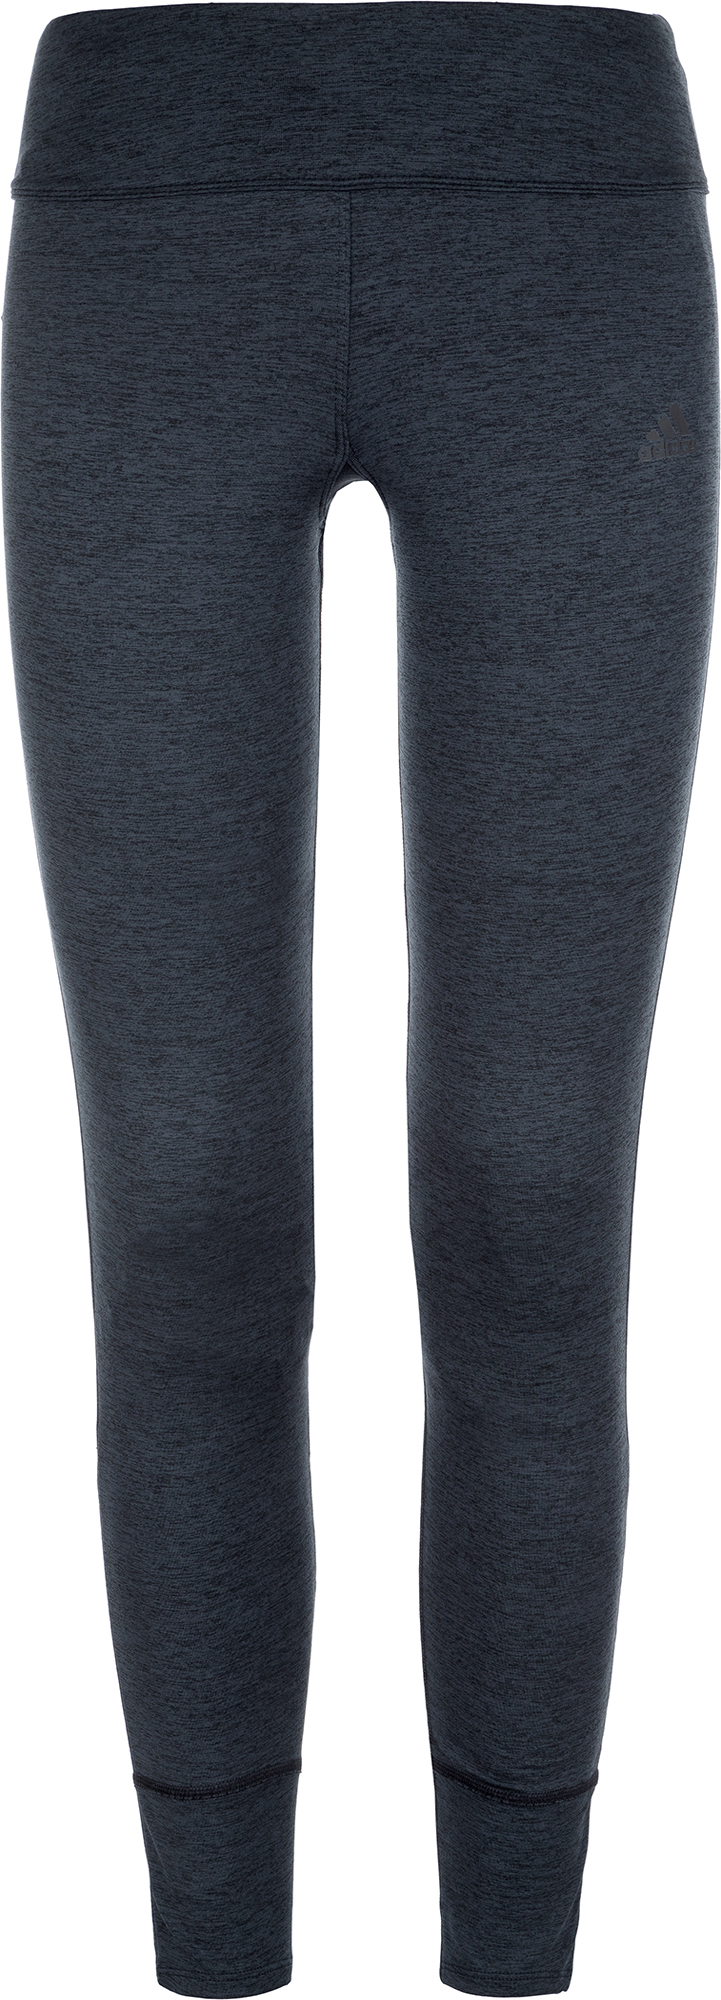 Adidas Легинсы женские Response, размер 46-48